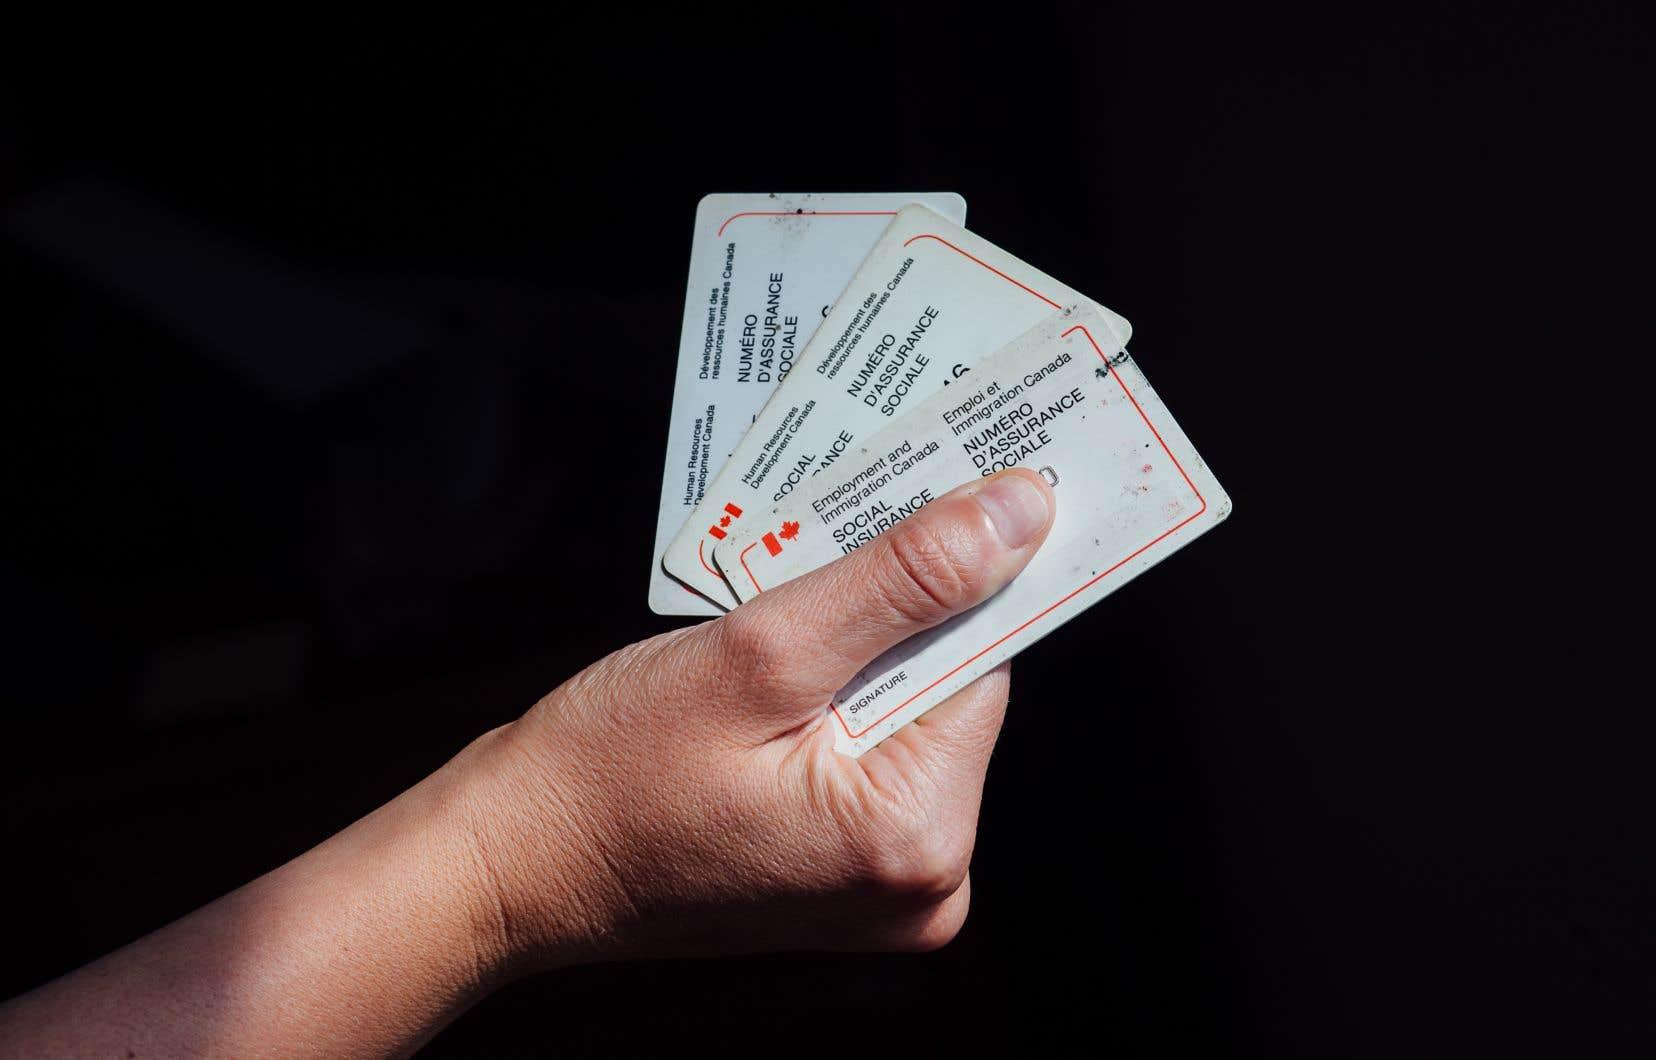 «On peut usurper l'identité d'un individu avec le numéro d'assurance sociale et la date de naissance», rappelle l'auteure.